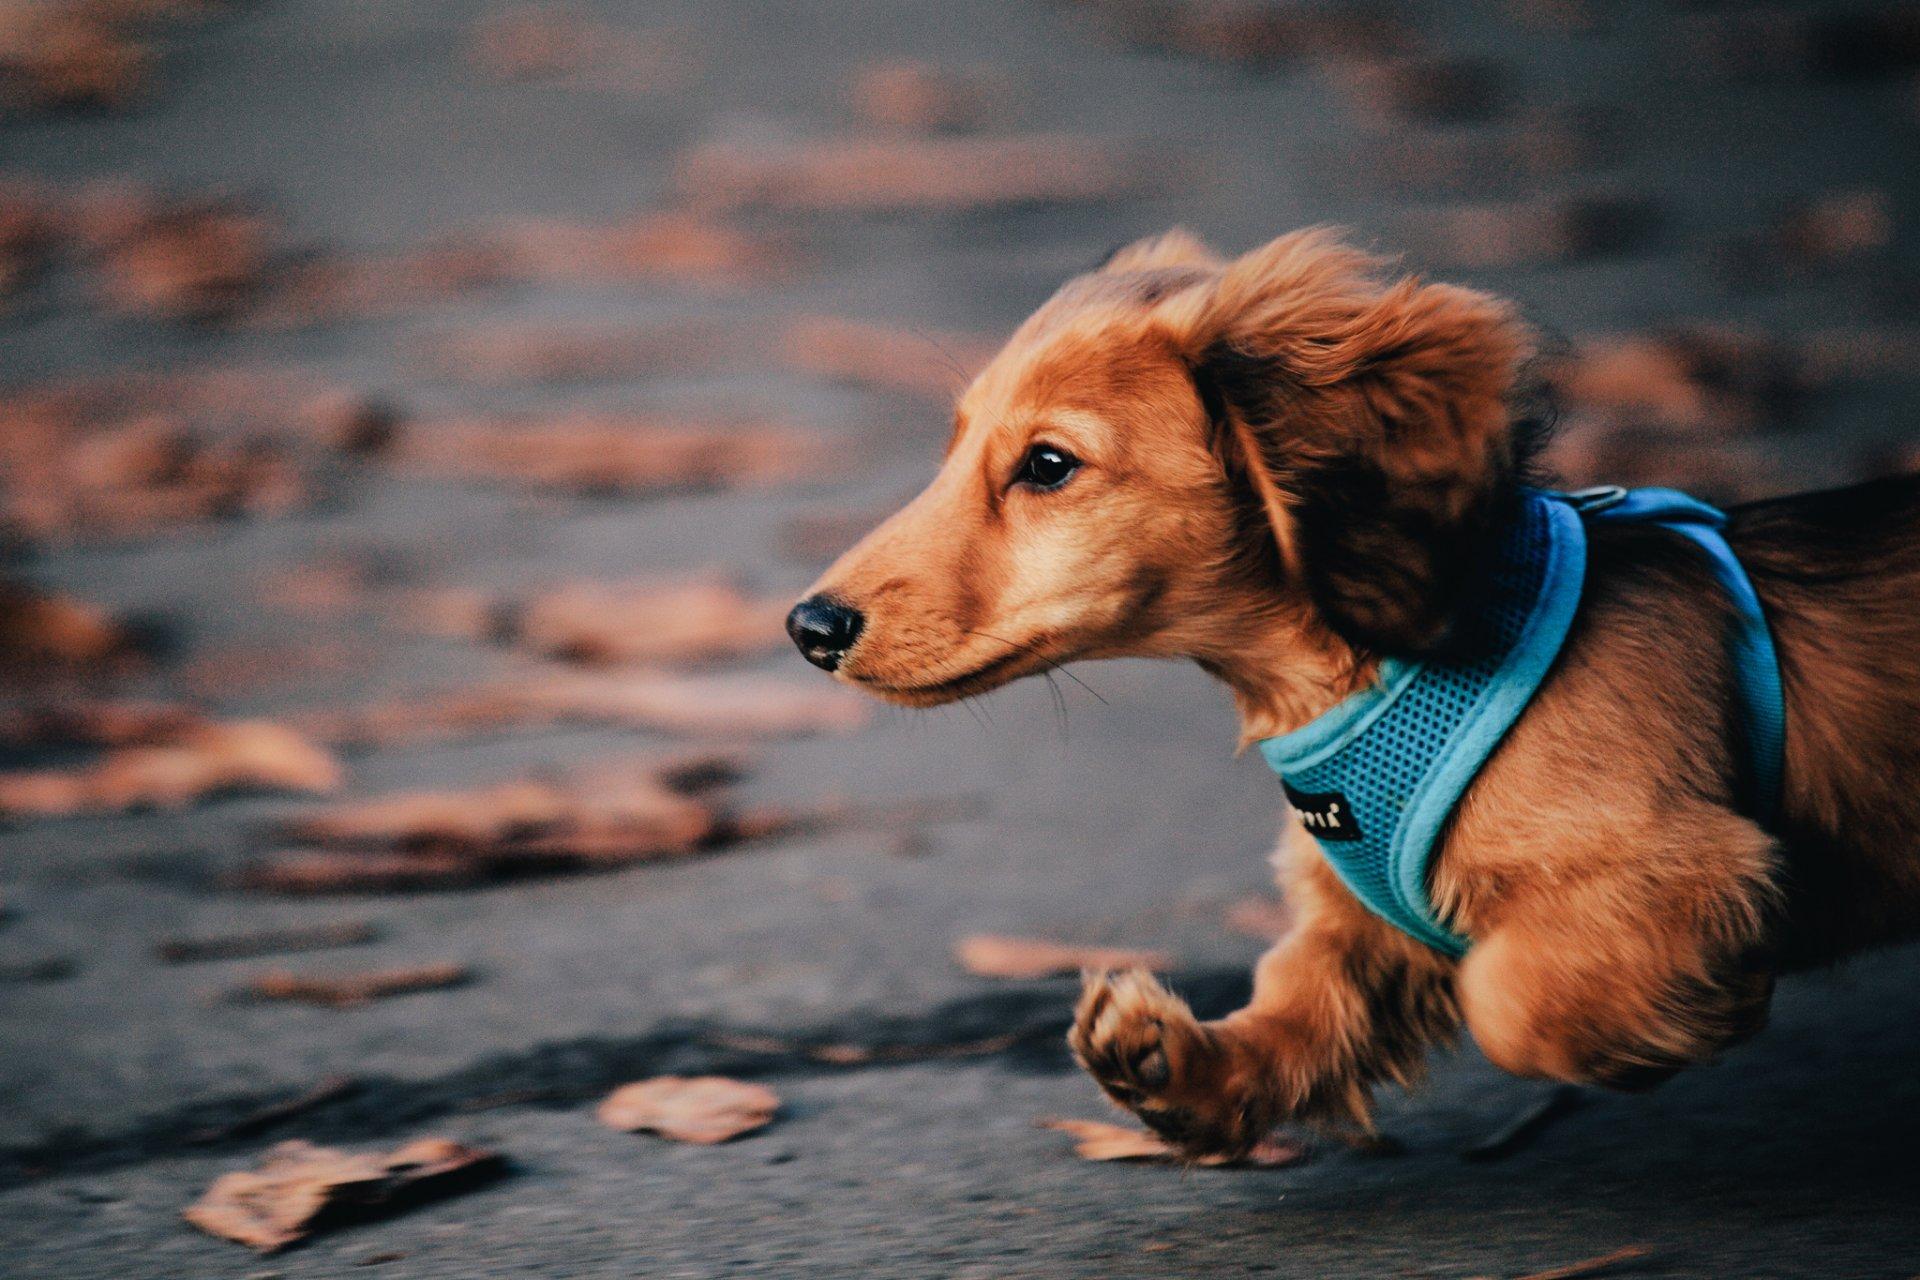 Прикольные картинки с собаками на телефон, для открытки